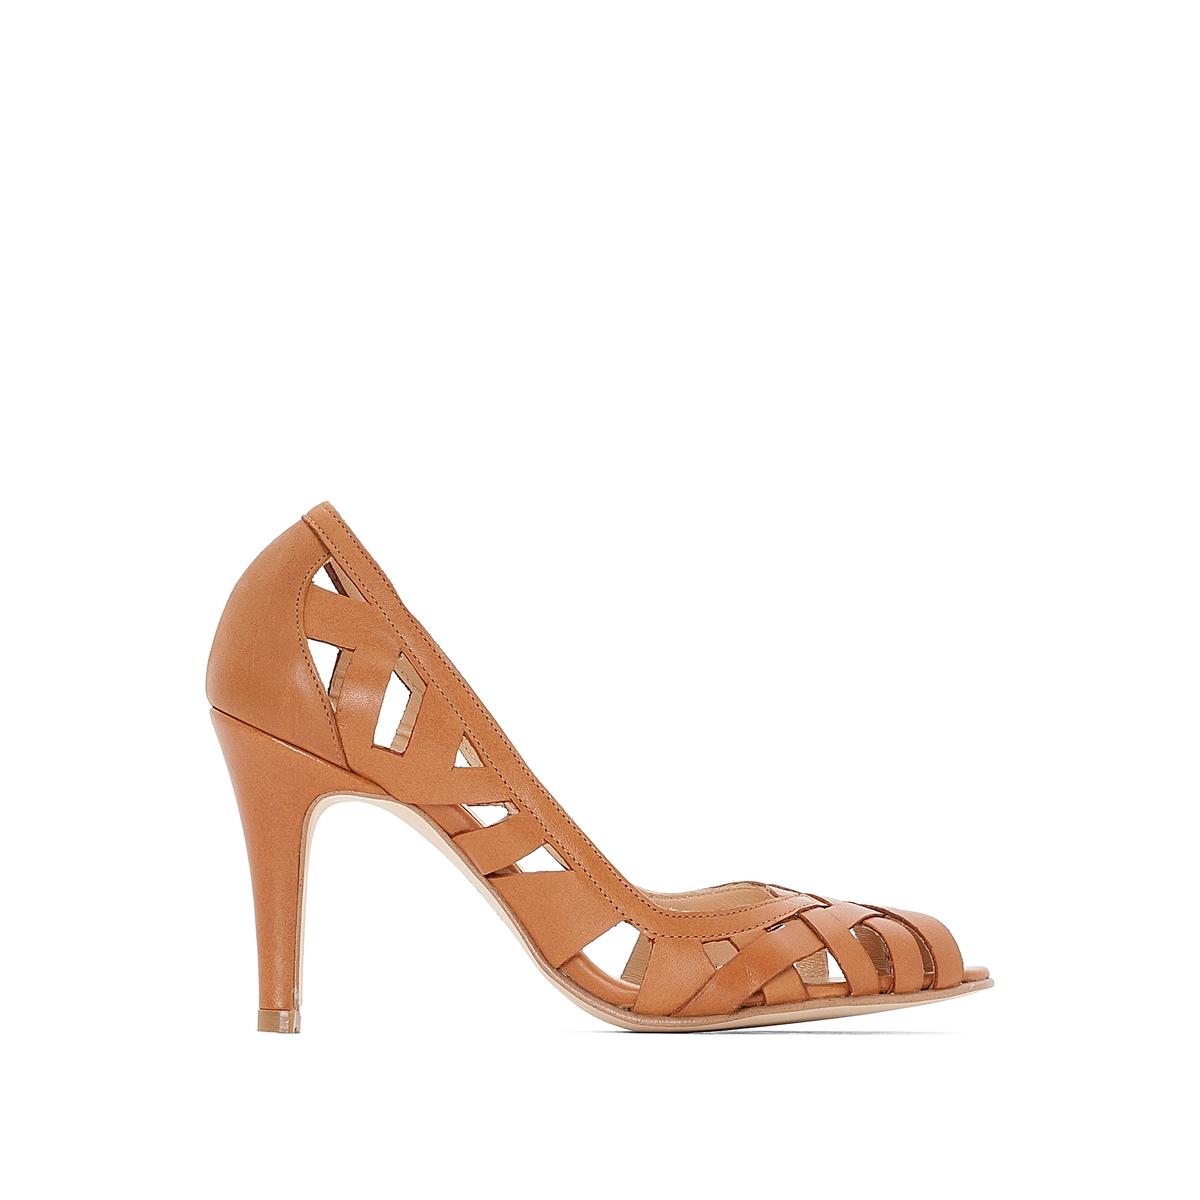 Туфли кожаные открытые на высоком каблуке, Djeny цены онлайн